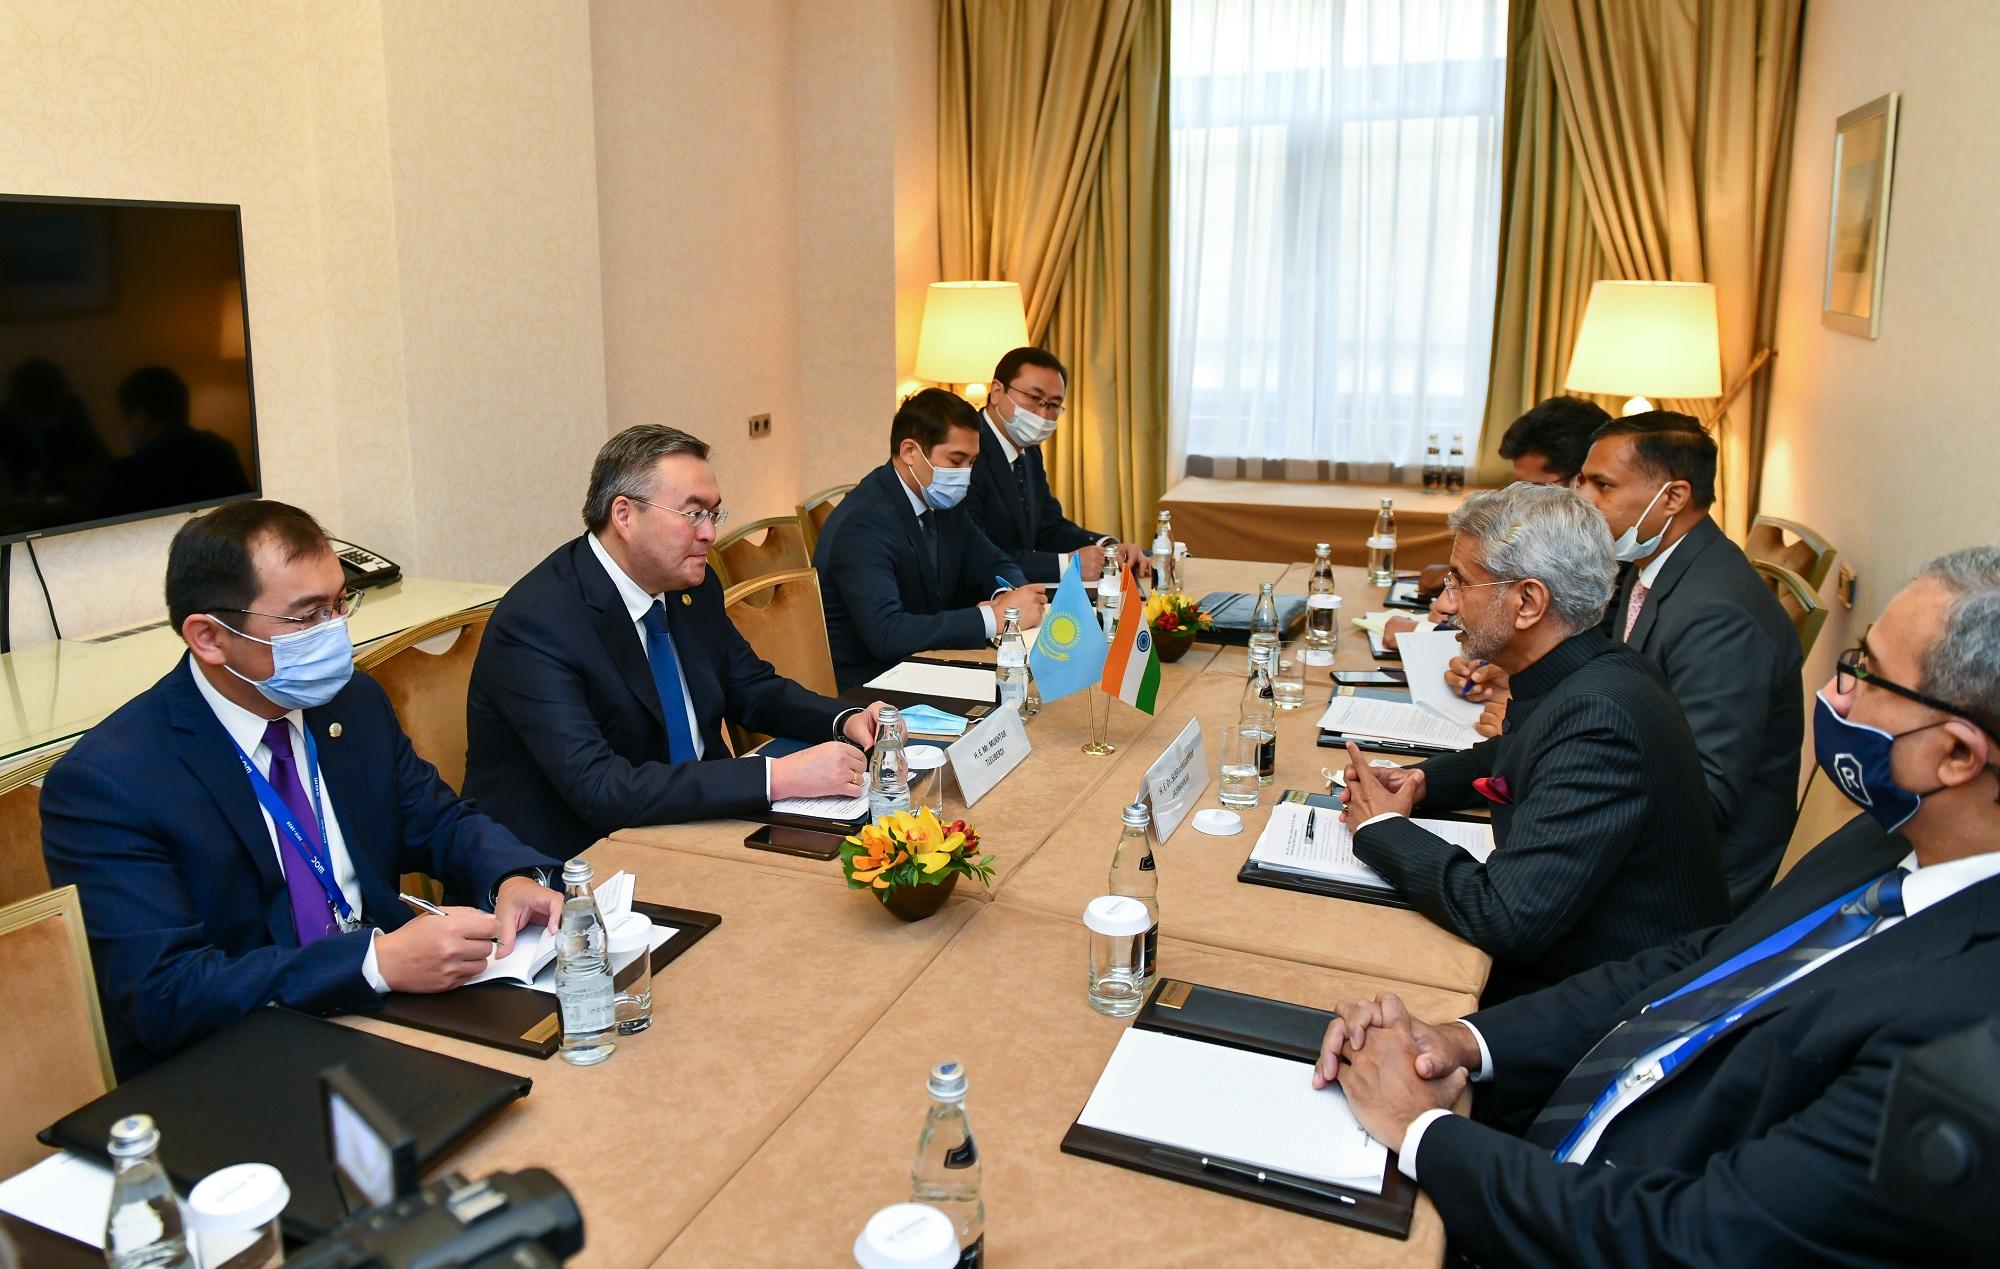 В рамках СМИД ШОС в Москве глава МИД РК Мухтар Тлеуберди провел встречи с коллегами из Кыргызстана и Индии